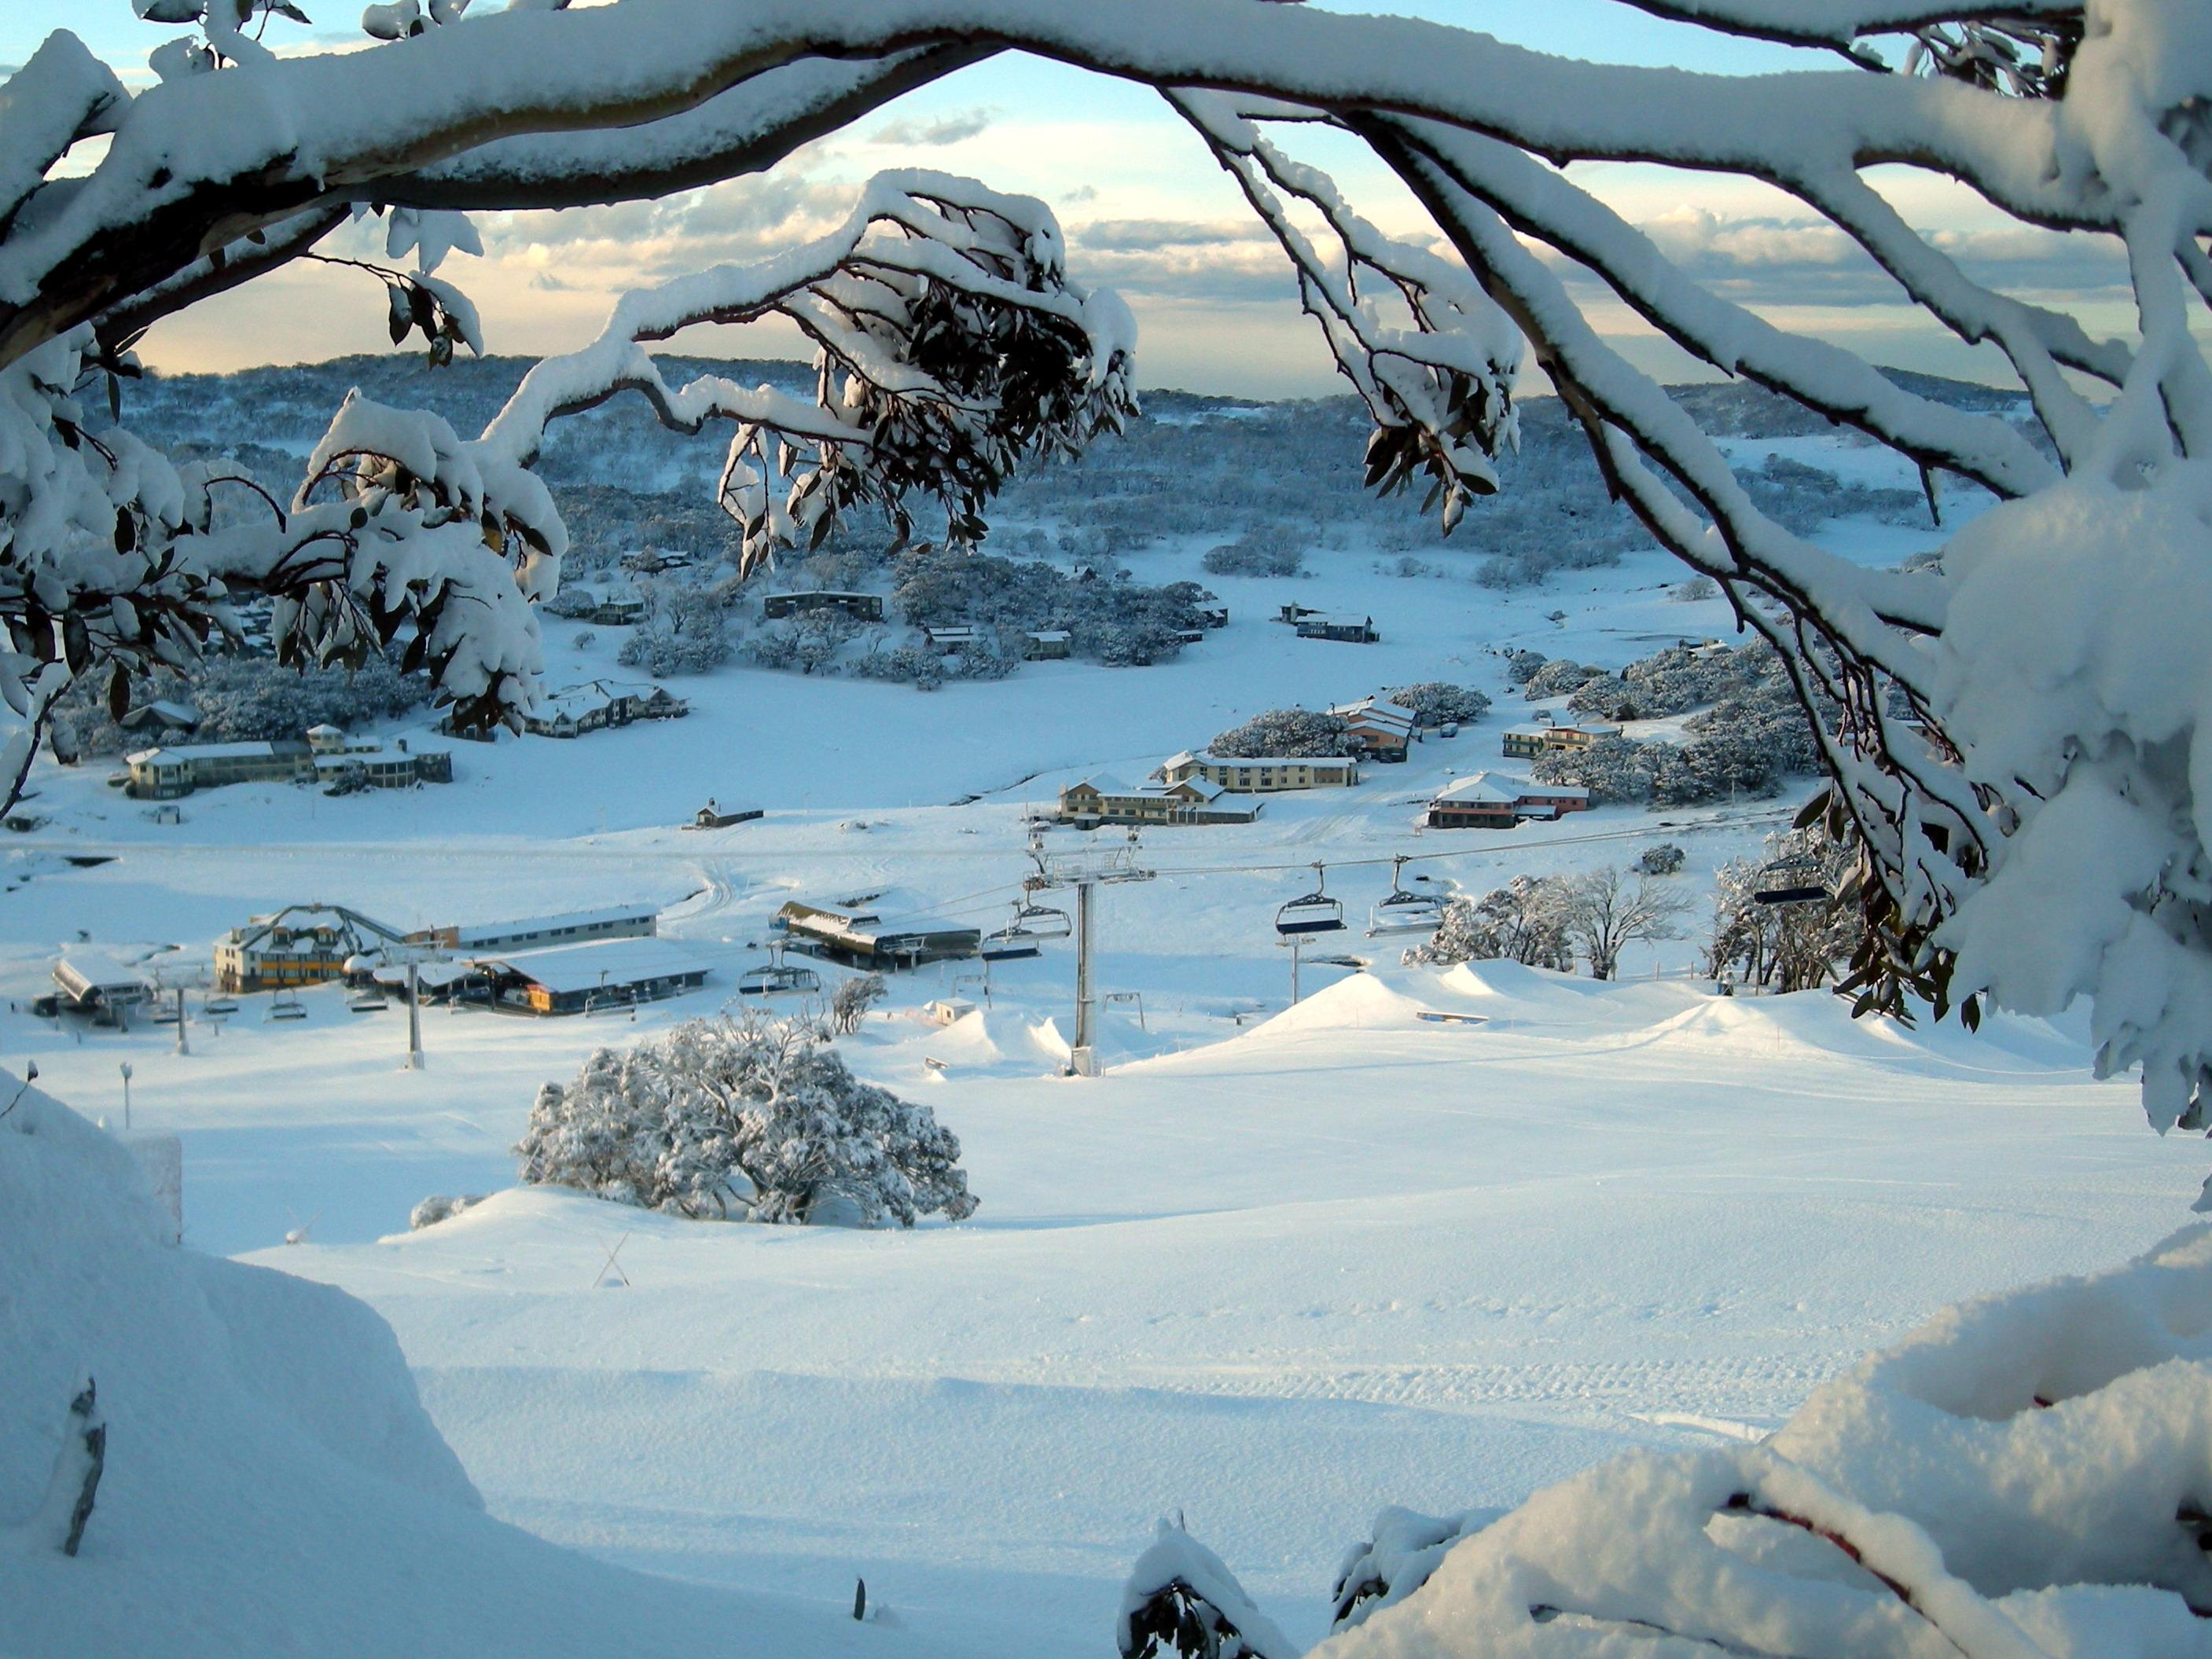 Perisher ski resort, Australia.  A Vail resort.